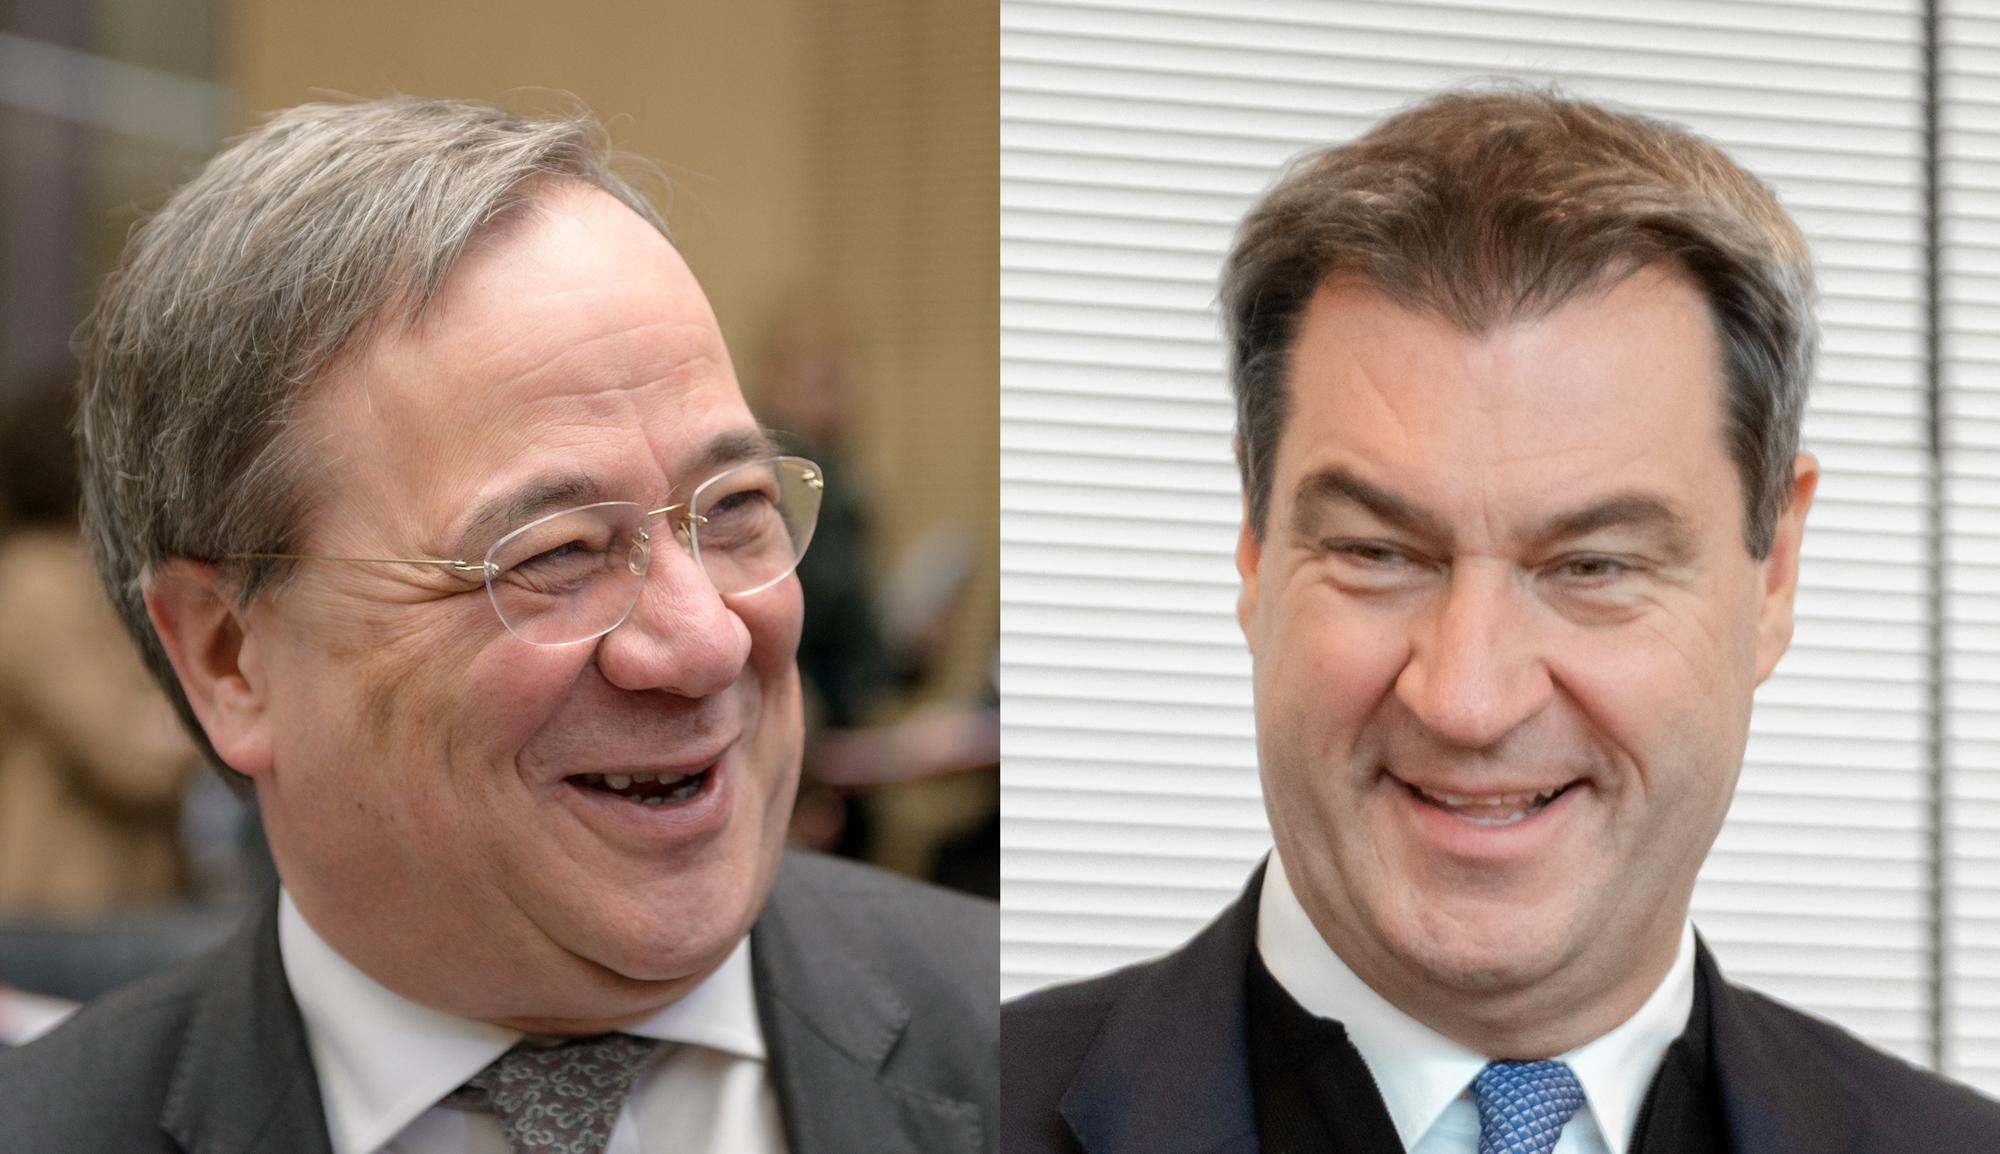 Sonntagsfrage: Wer von diesen beiden sollte Kanzlerkandidat werden?